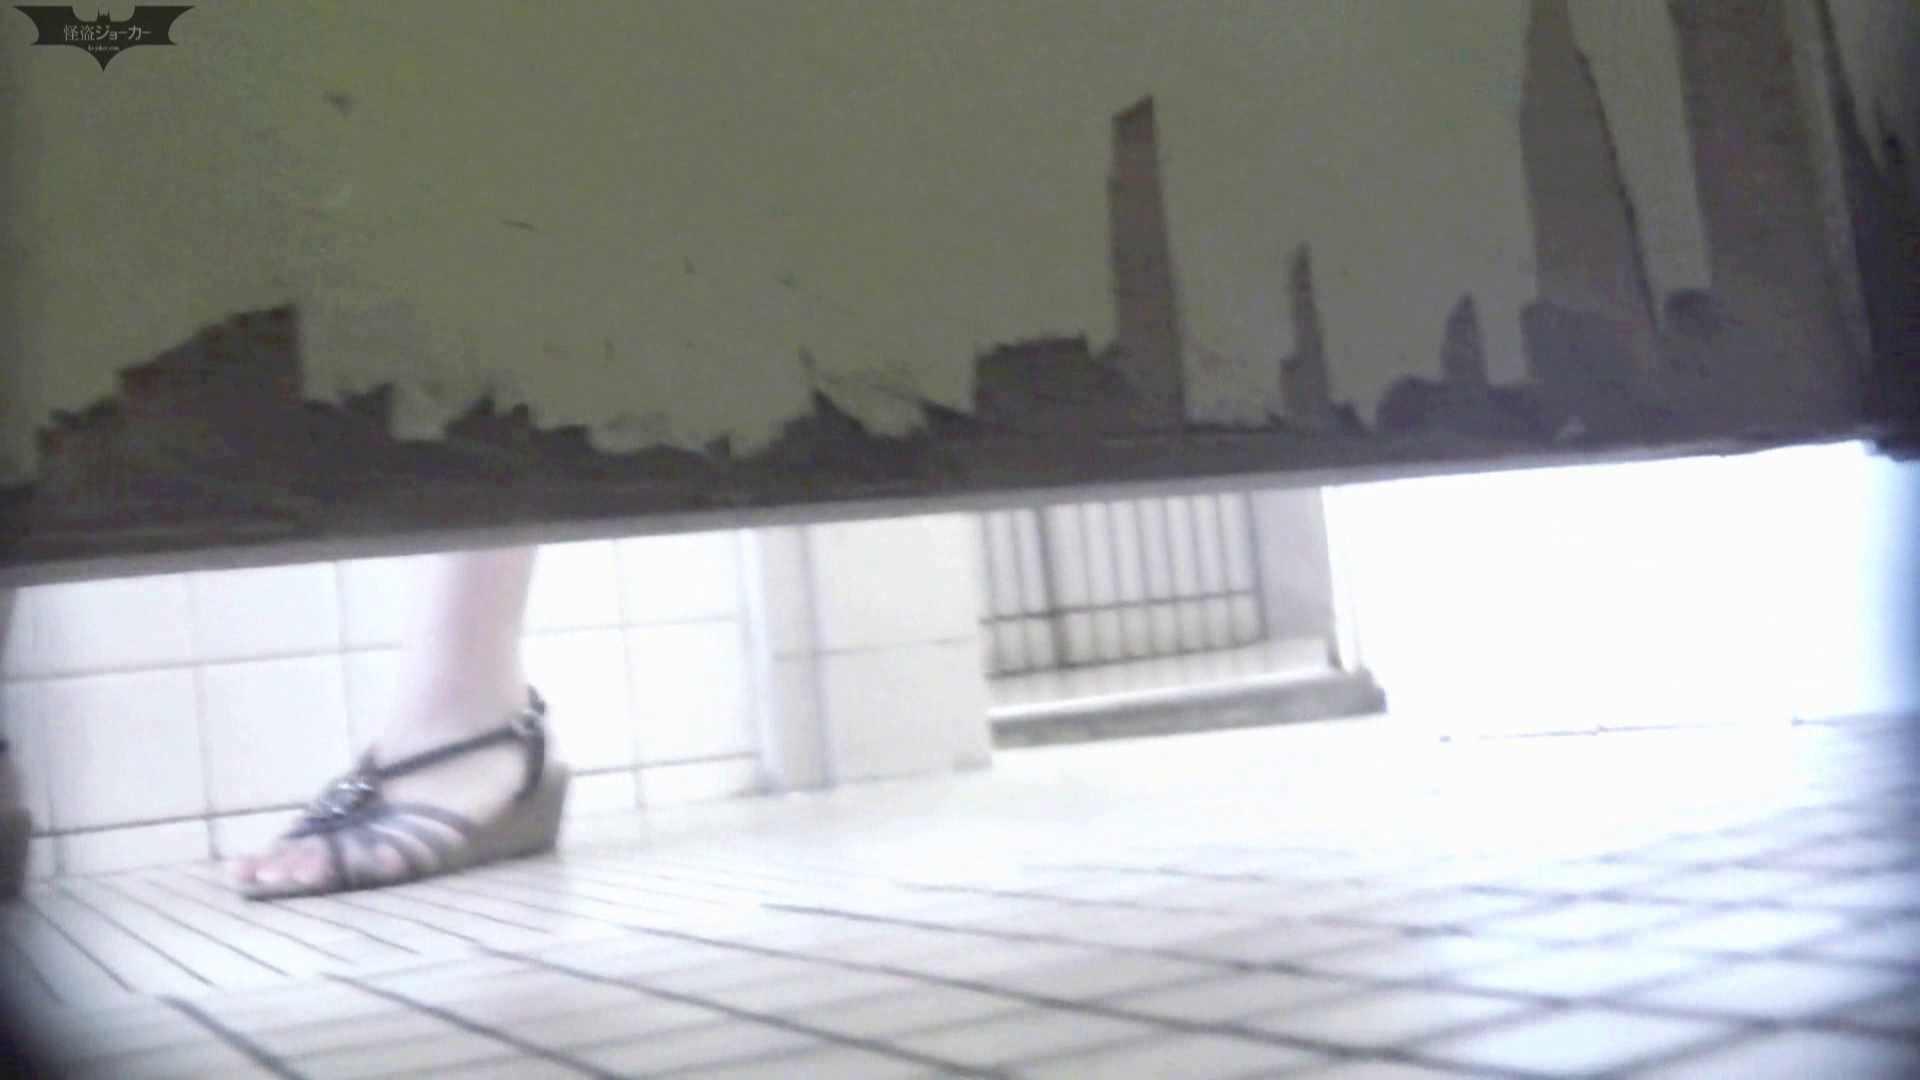 洗面所特攻隊 vol.71「vol.66 最後の女性」が【2015・27位】 高画質動画 ヌード画像 90画像 41